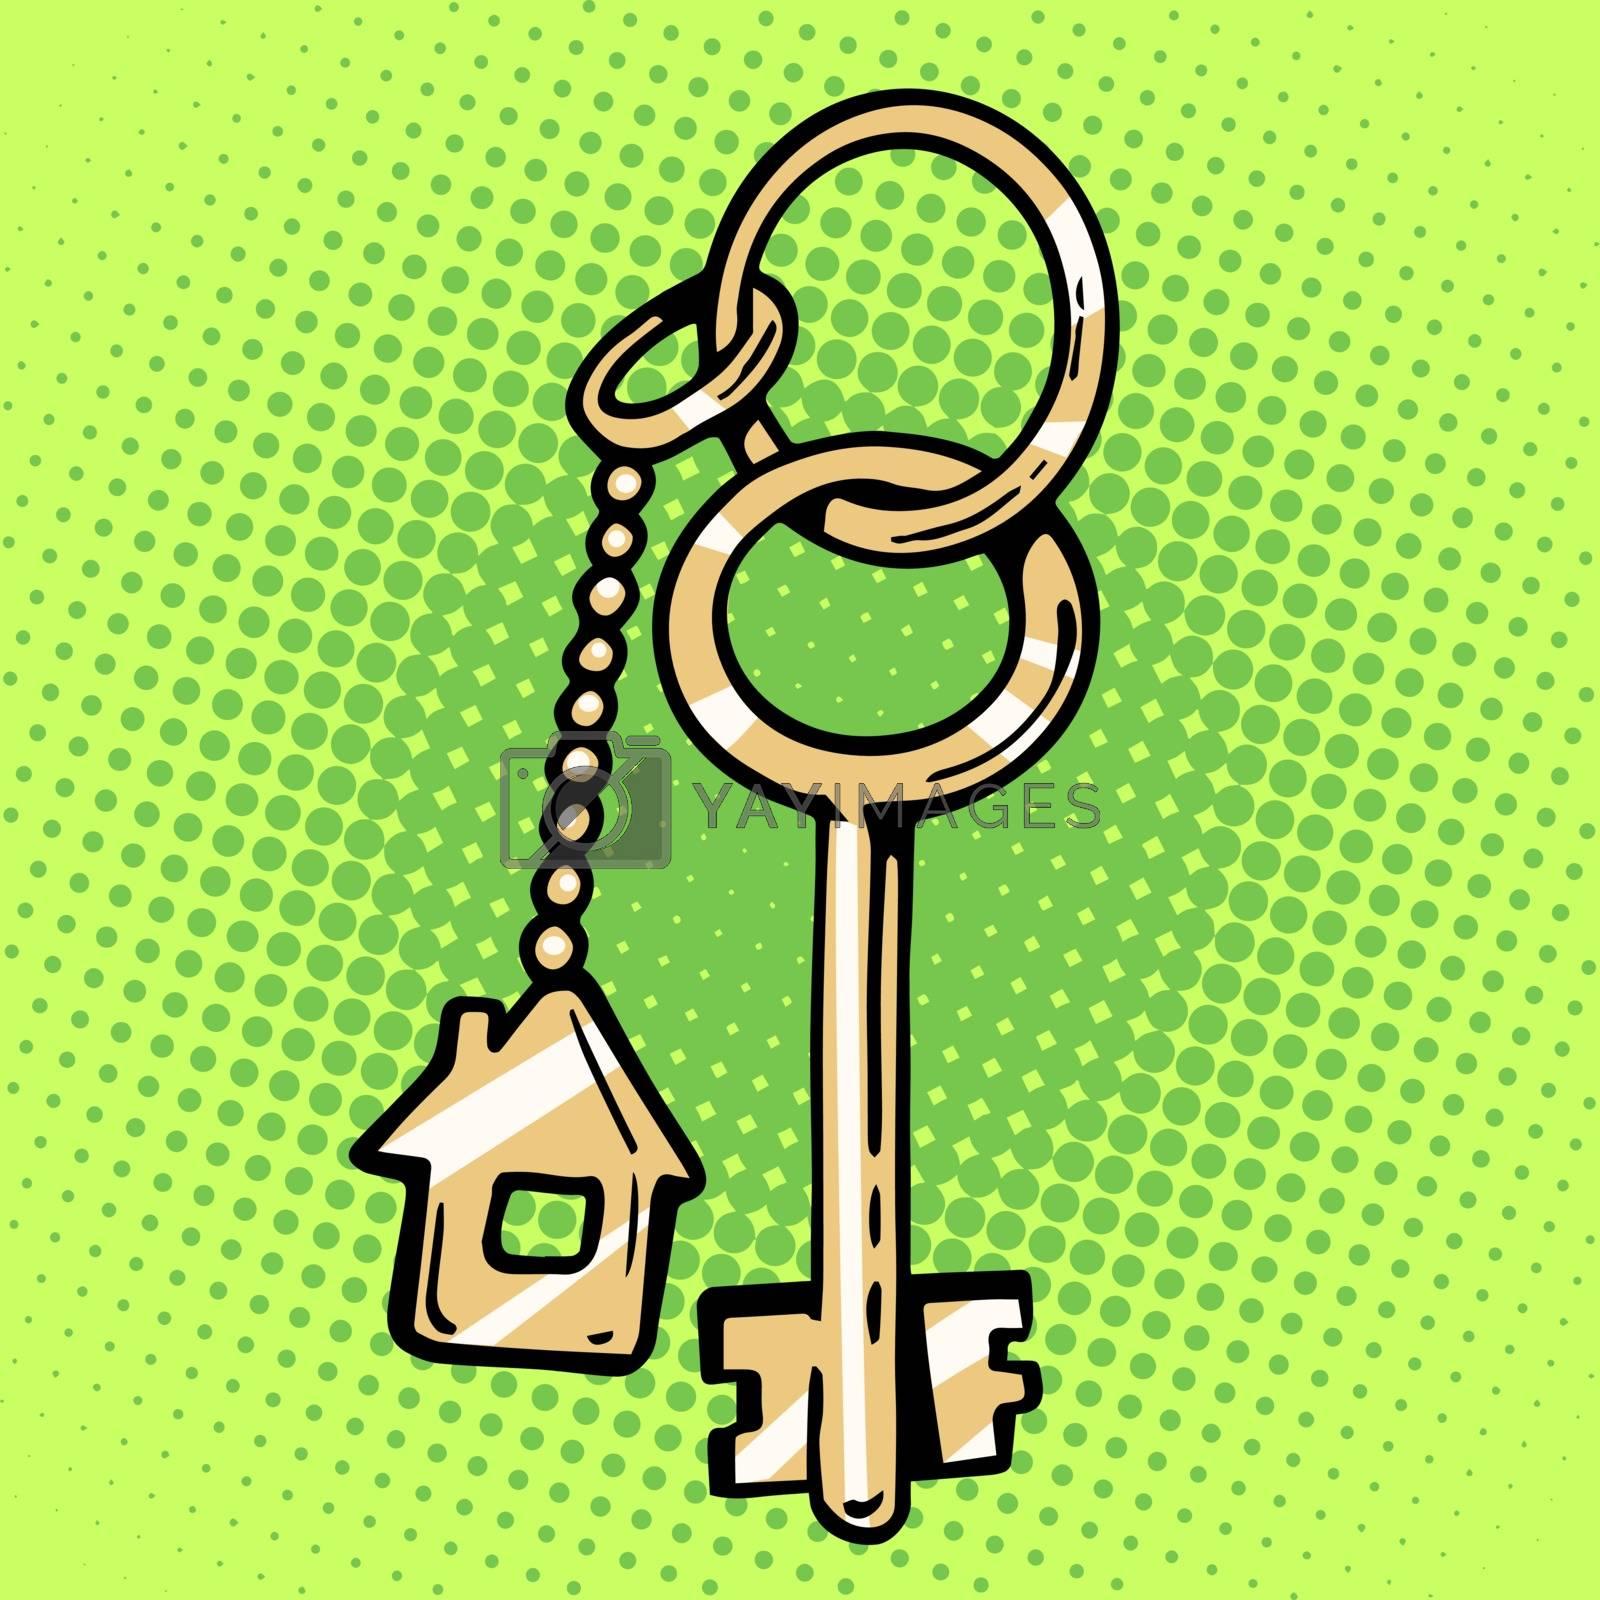 keychain house keys by studiostoks